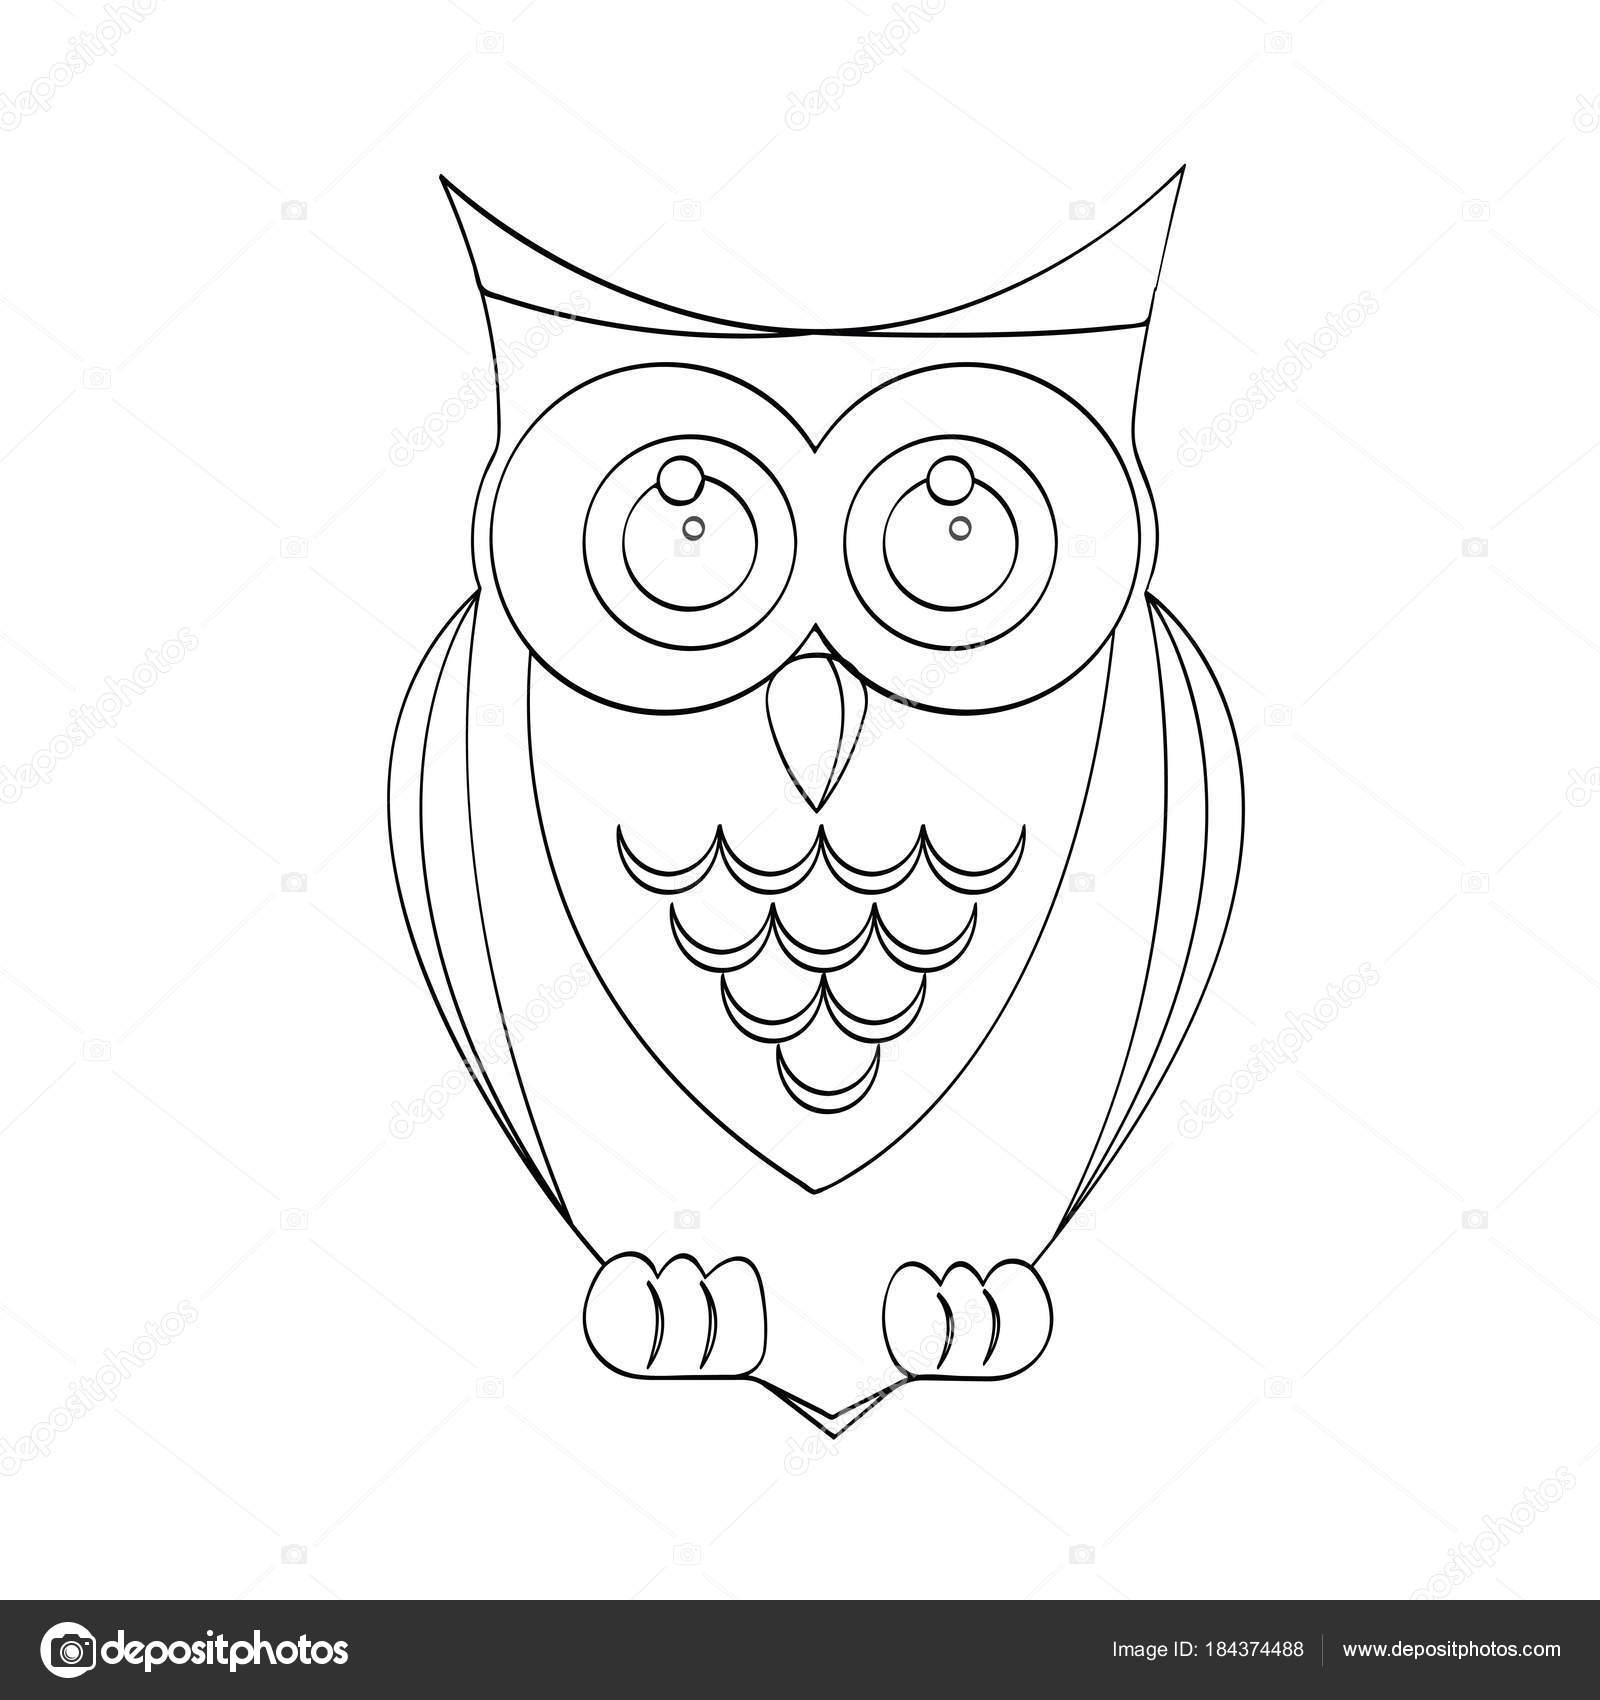 Vektor-Illustration Karikatur Eule Vogel für Kinder Zeichnung ...